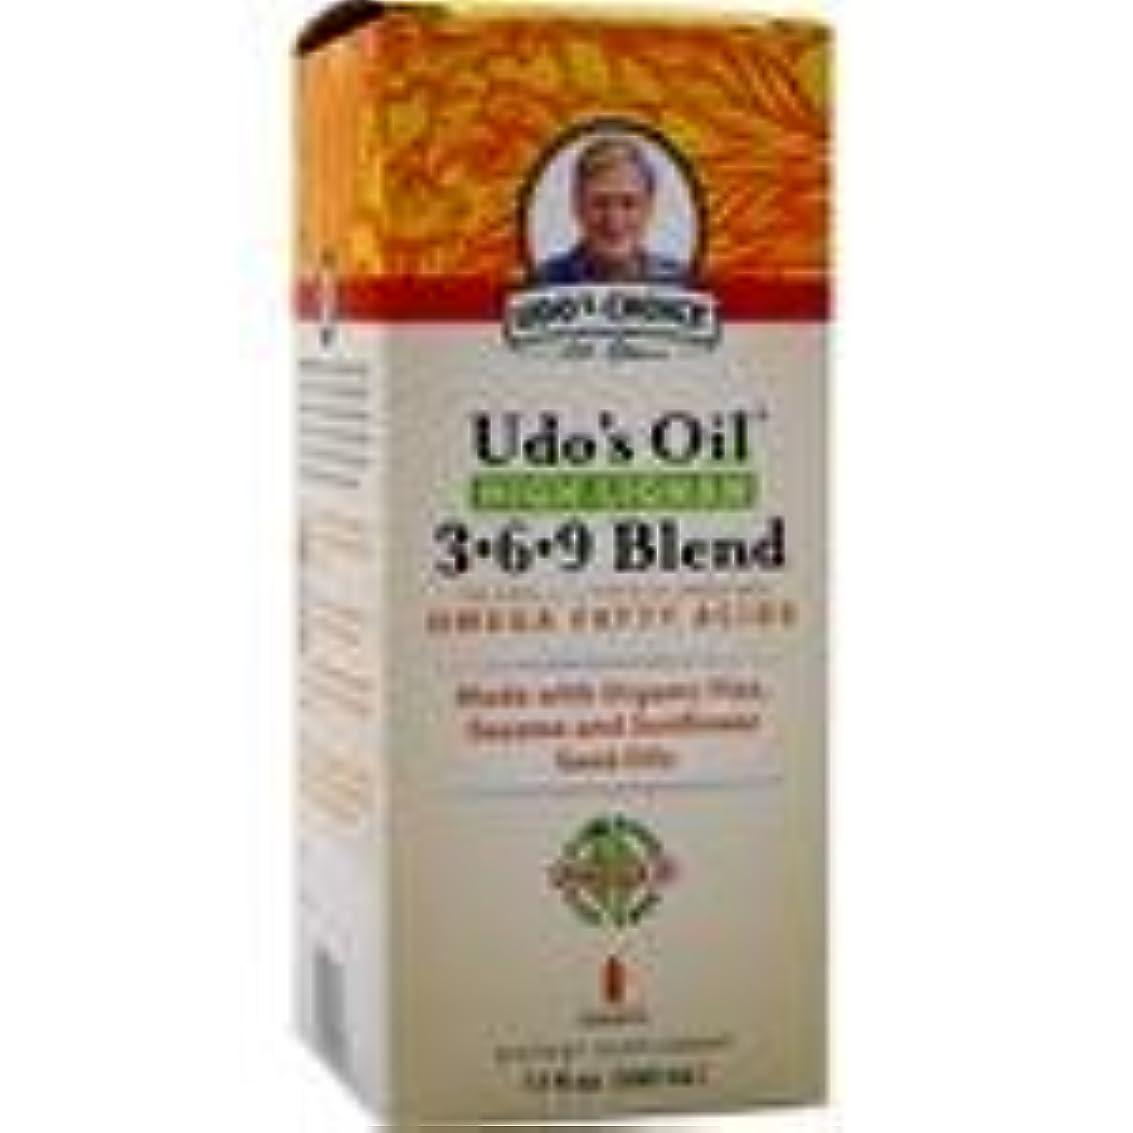 大胆不敵雪だるまちょうつがいUdo's Oil High Lignan 3-6-9 Blend 17 fl.oz 4個パック